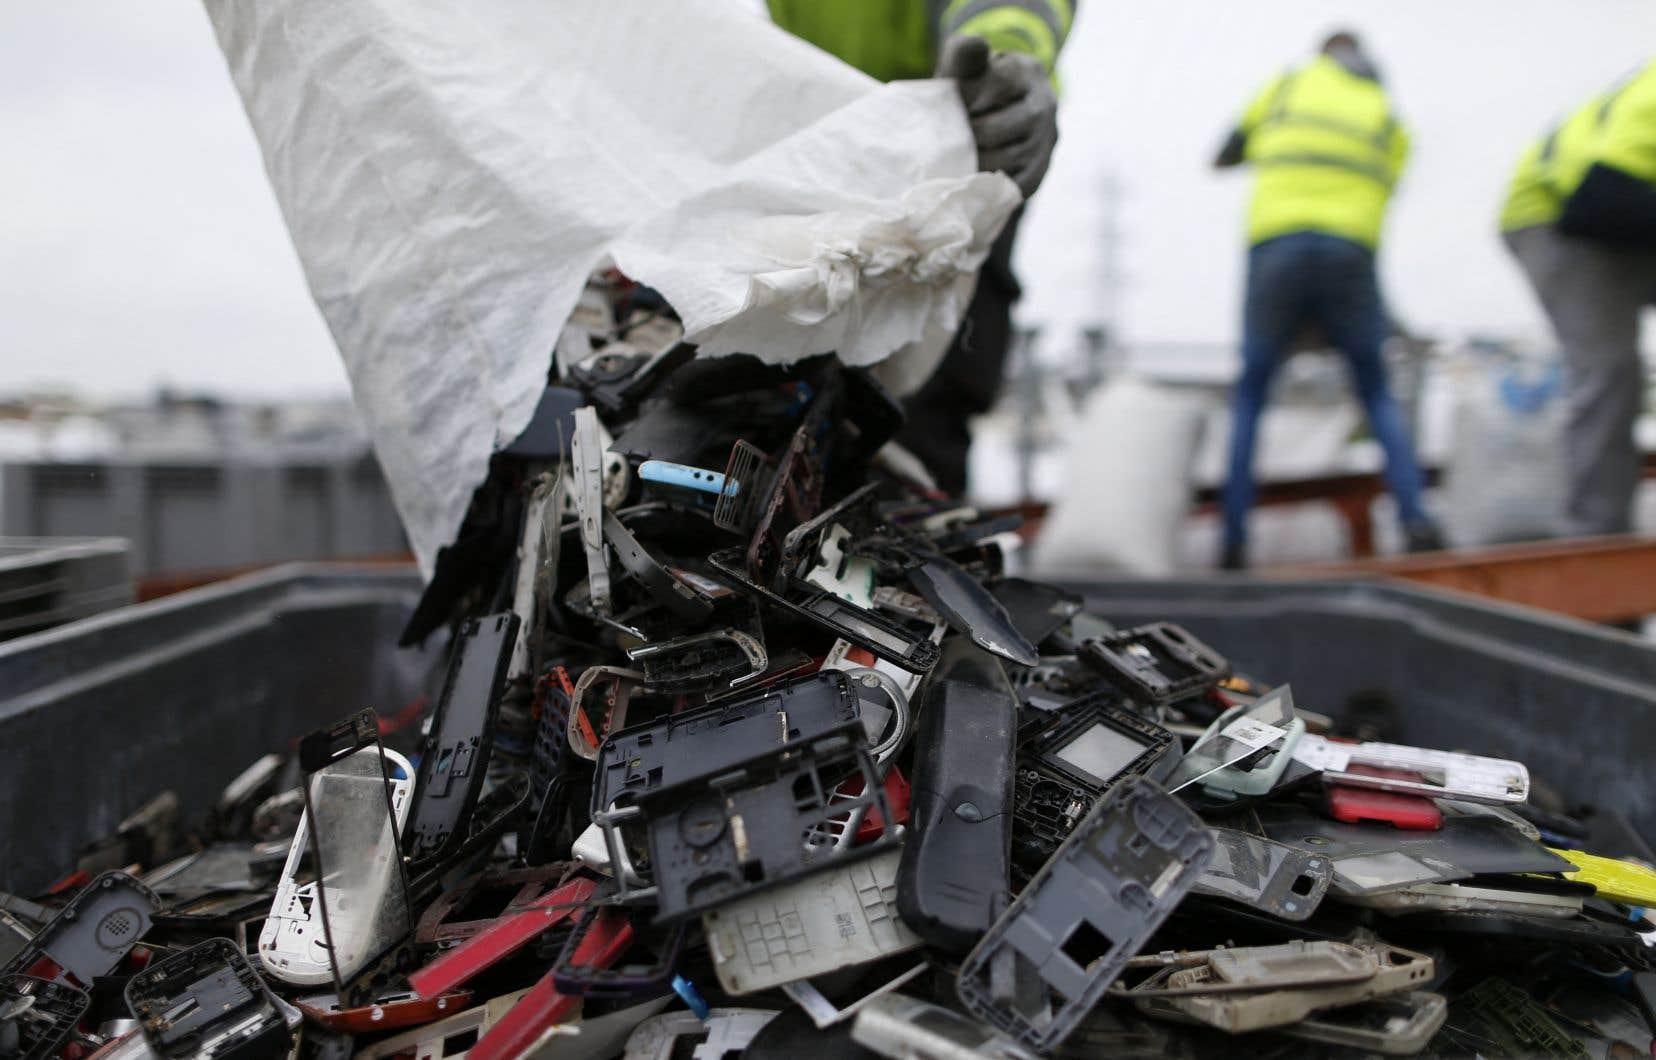 Plus de  50millions de tonnes de déchets électroniques ont été produites en 2019, un chiffre qui pourrait atteindre 75millions de tonnes en 2030.